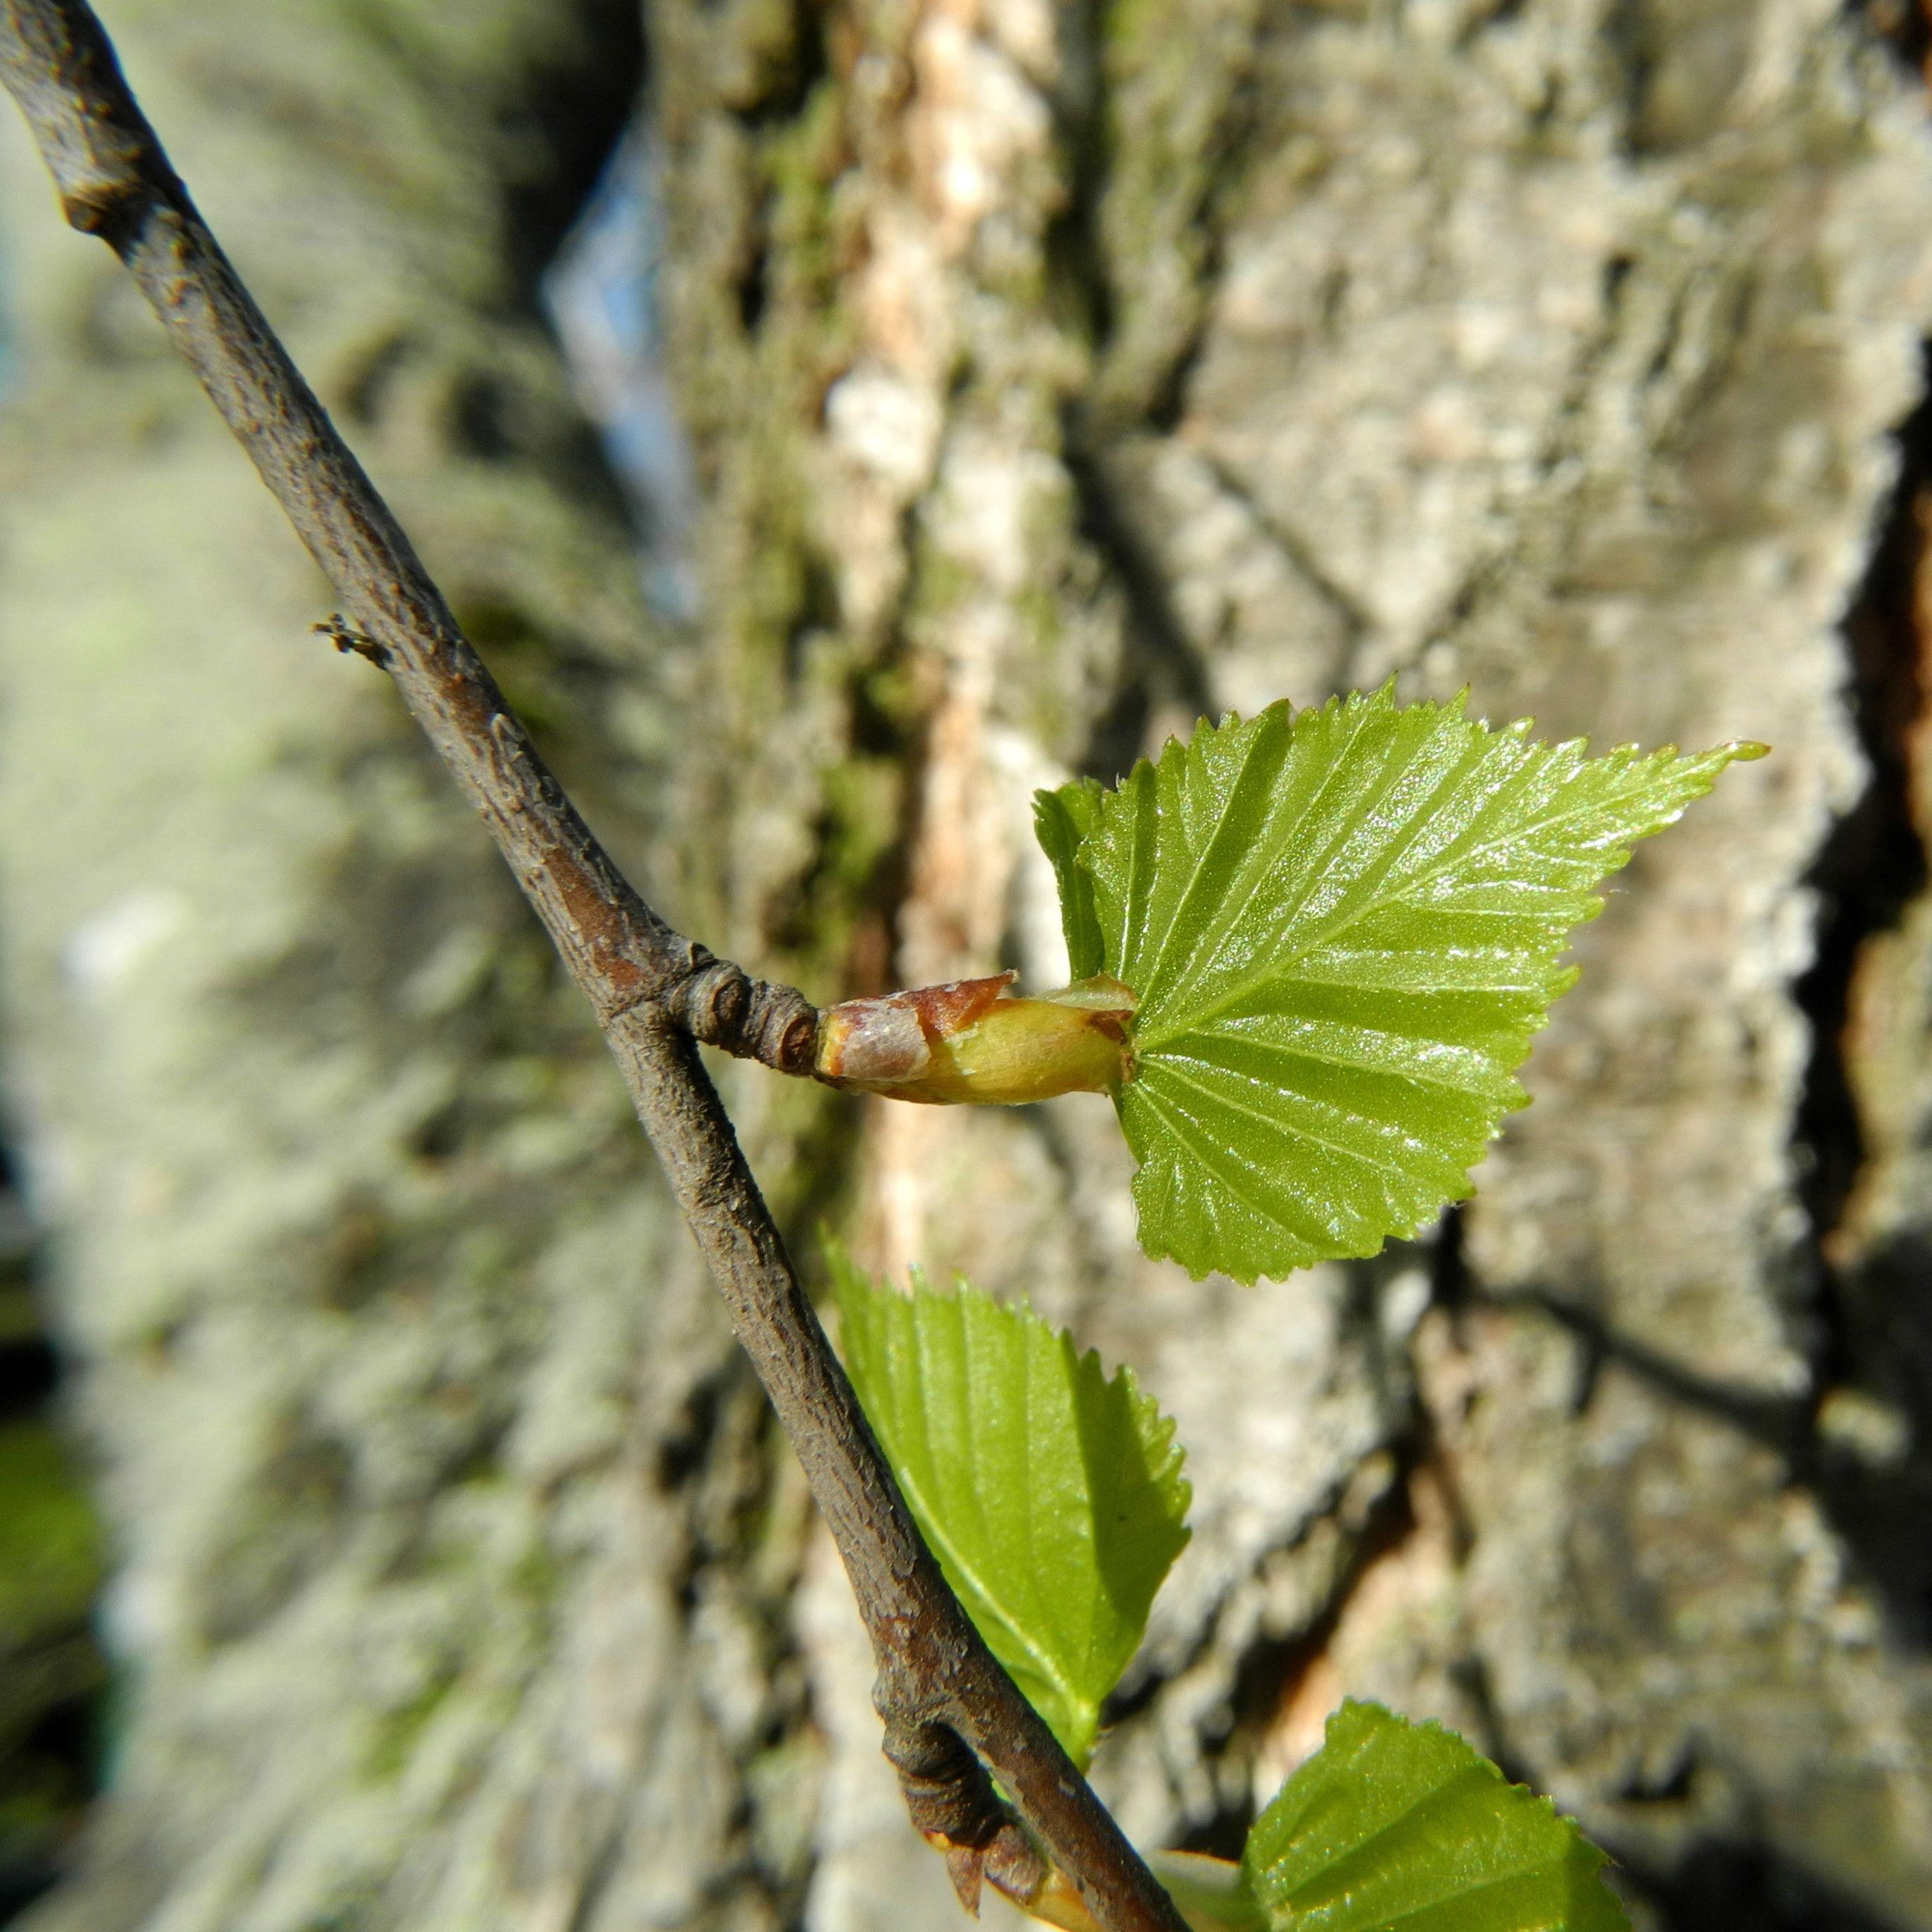 Hange Birke Blute Rinde Blatt Betula Pendula Birke Blute Birke